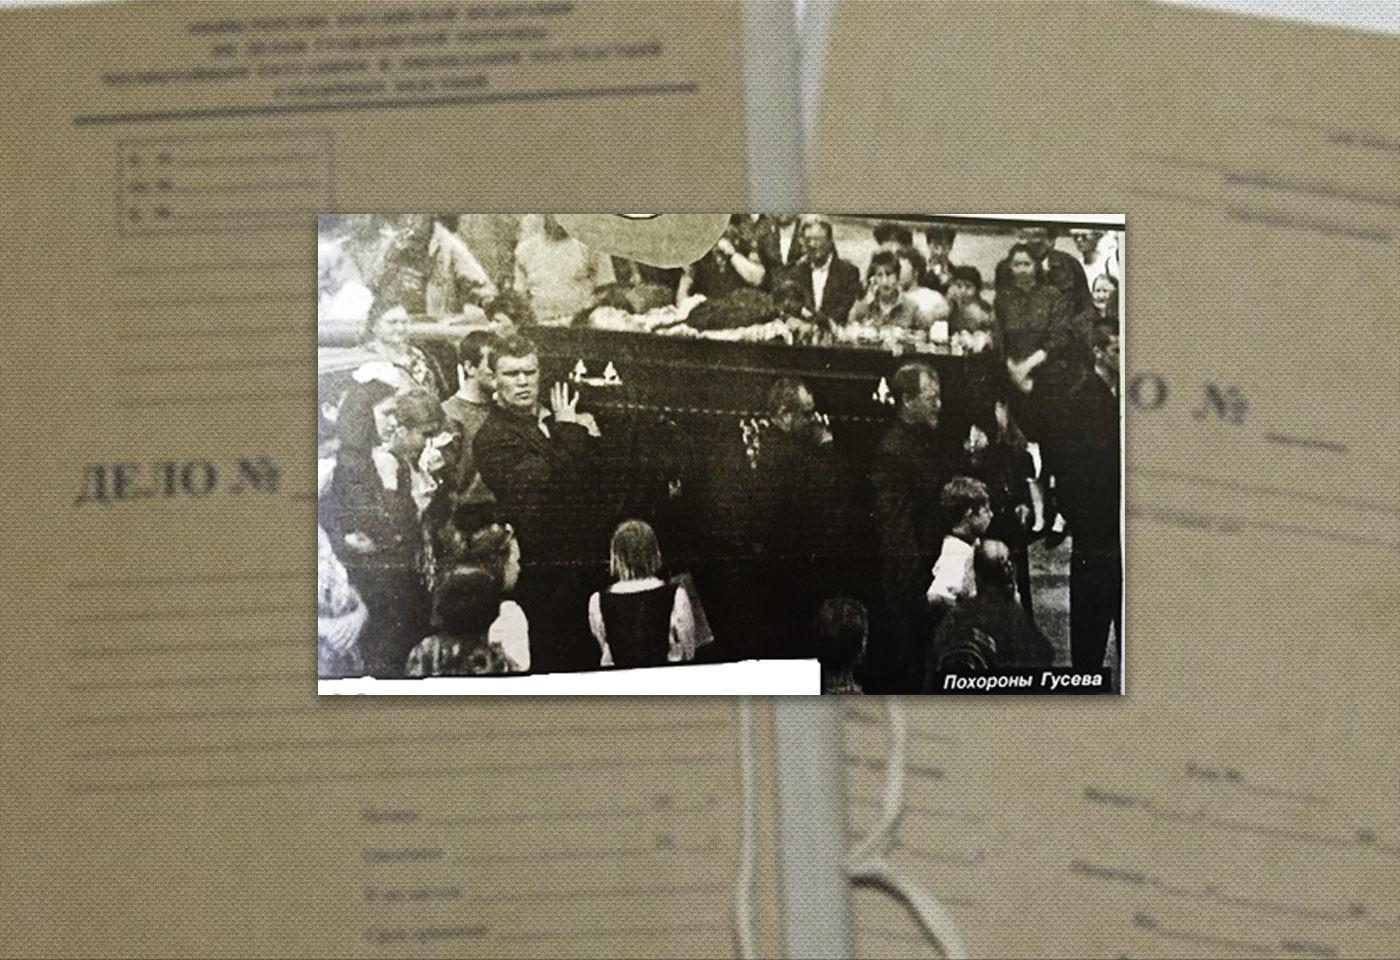 Похороны Олега Гусева. Фото: © КРИМИНАЛЬНЫЕ АВТОРИТЕТЫ ВОРЫ В ЗАКОНЕ